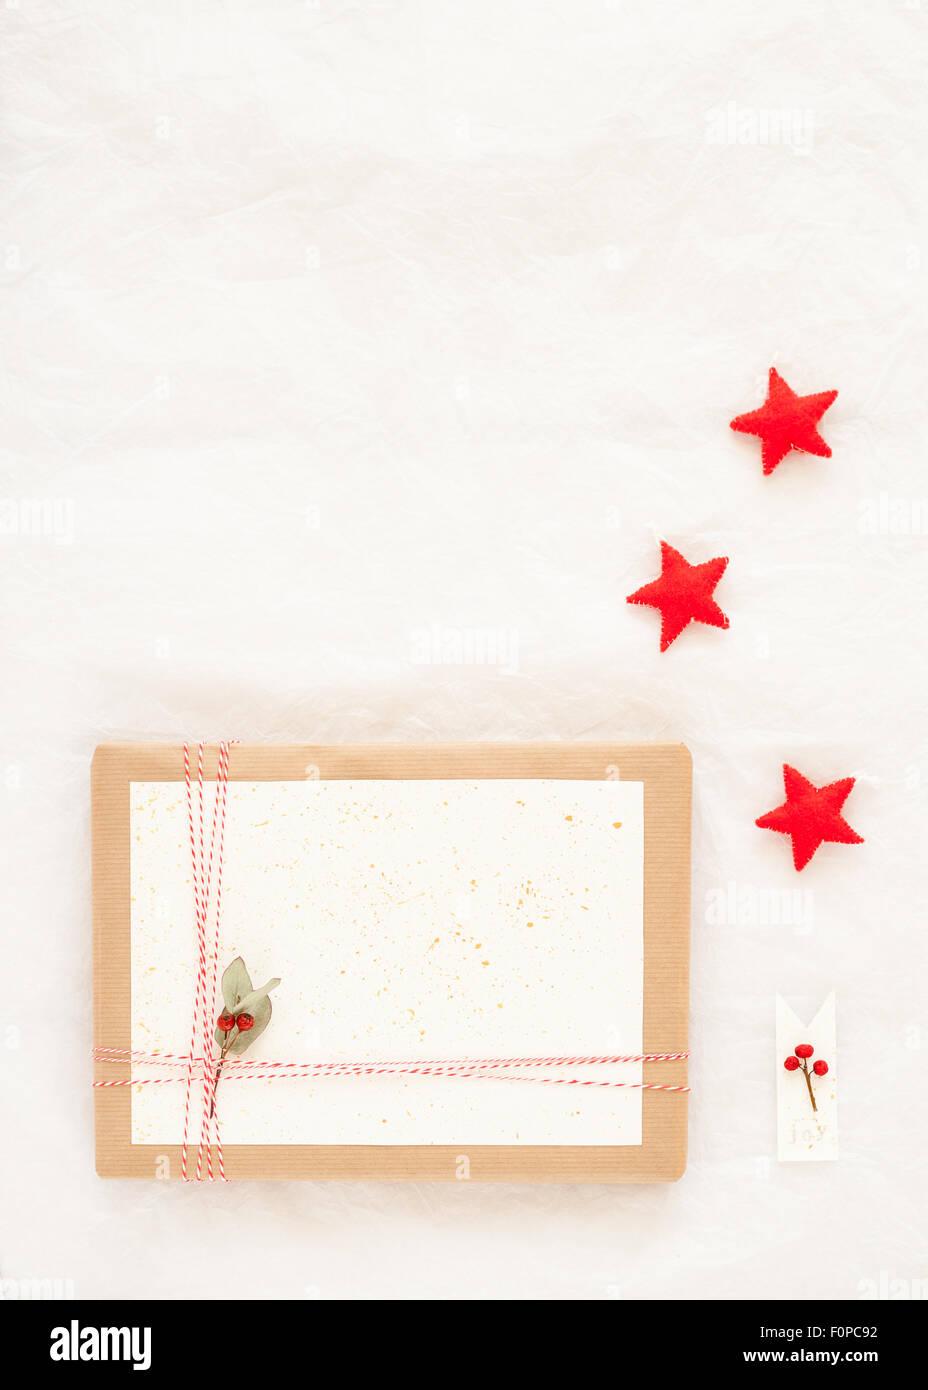 Gift wrapped avec du papier brun, rouge et blanc ficelle Baker's white paper éclaboussés de peinture Photo Stock